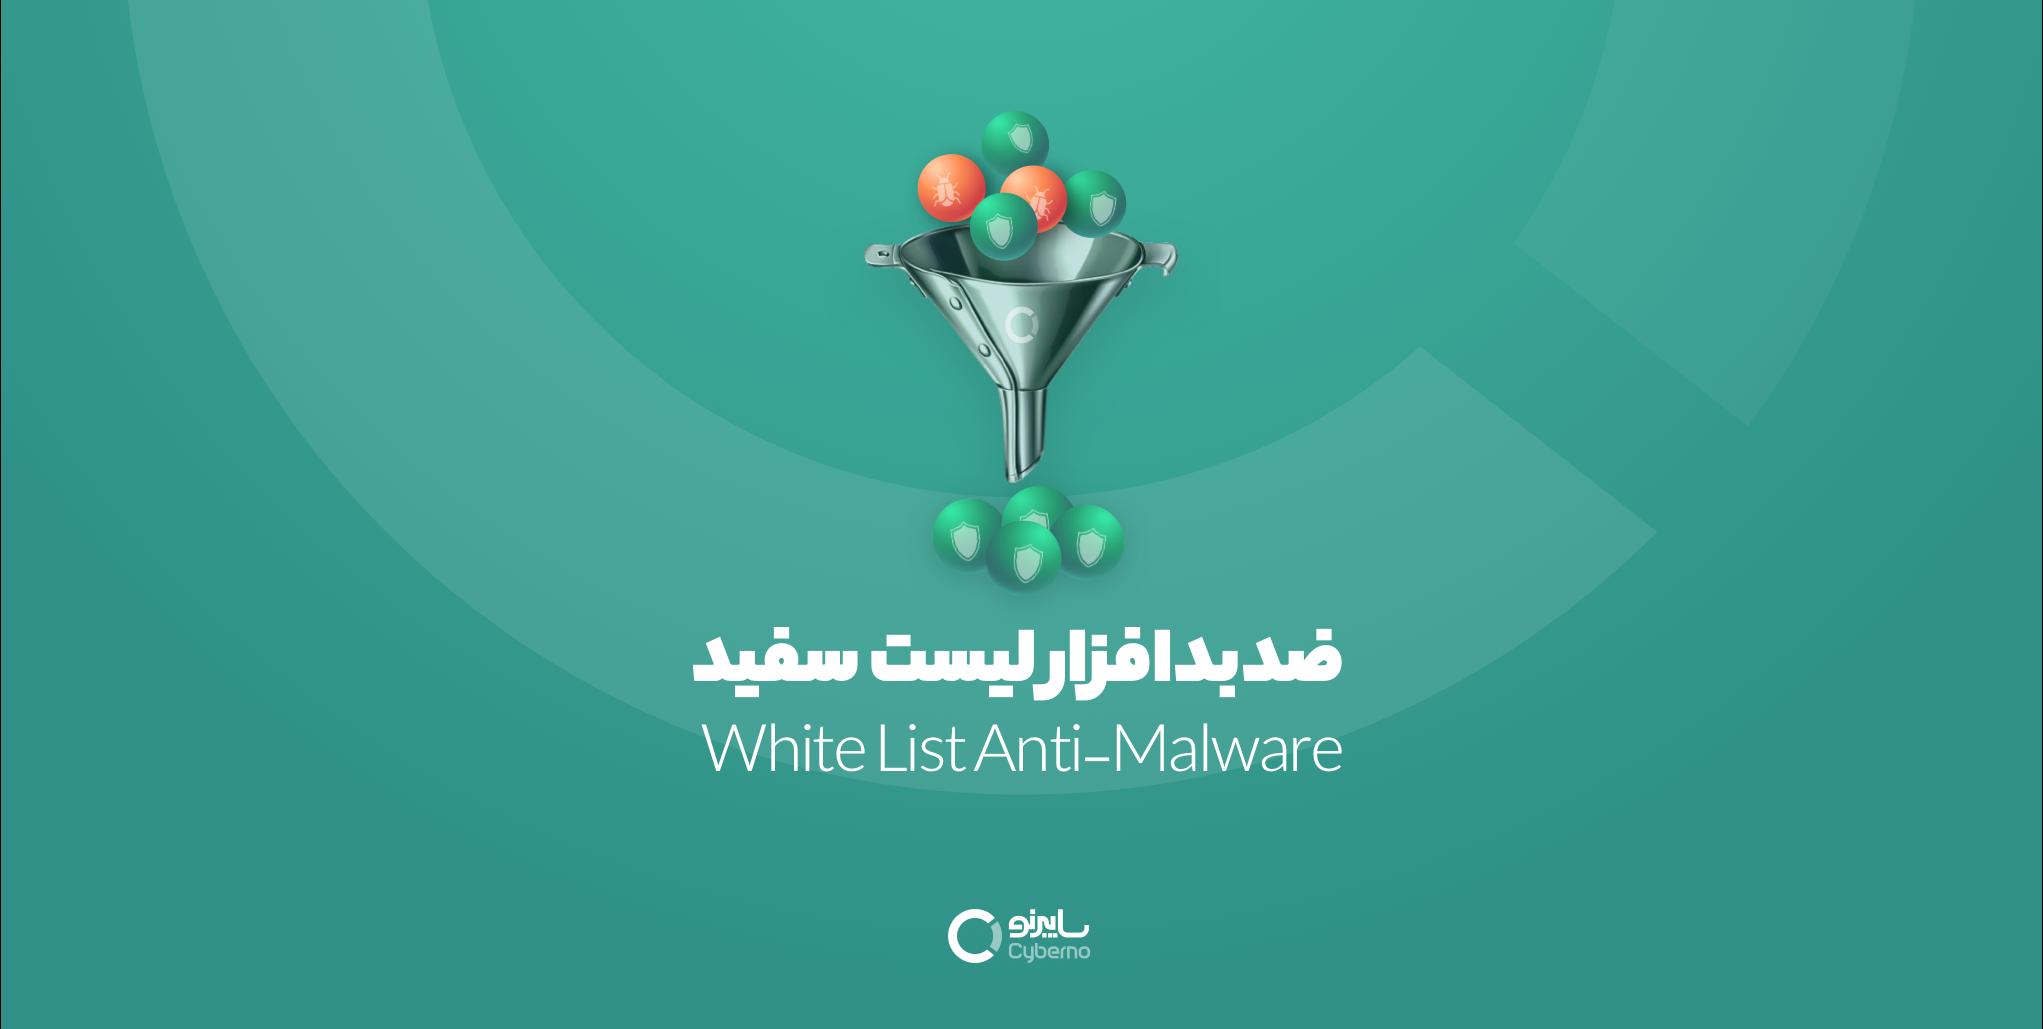 ضدبدافزار لیست سفید